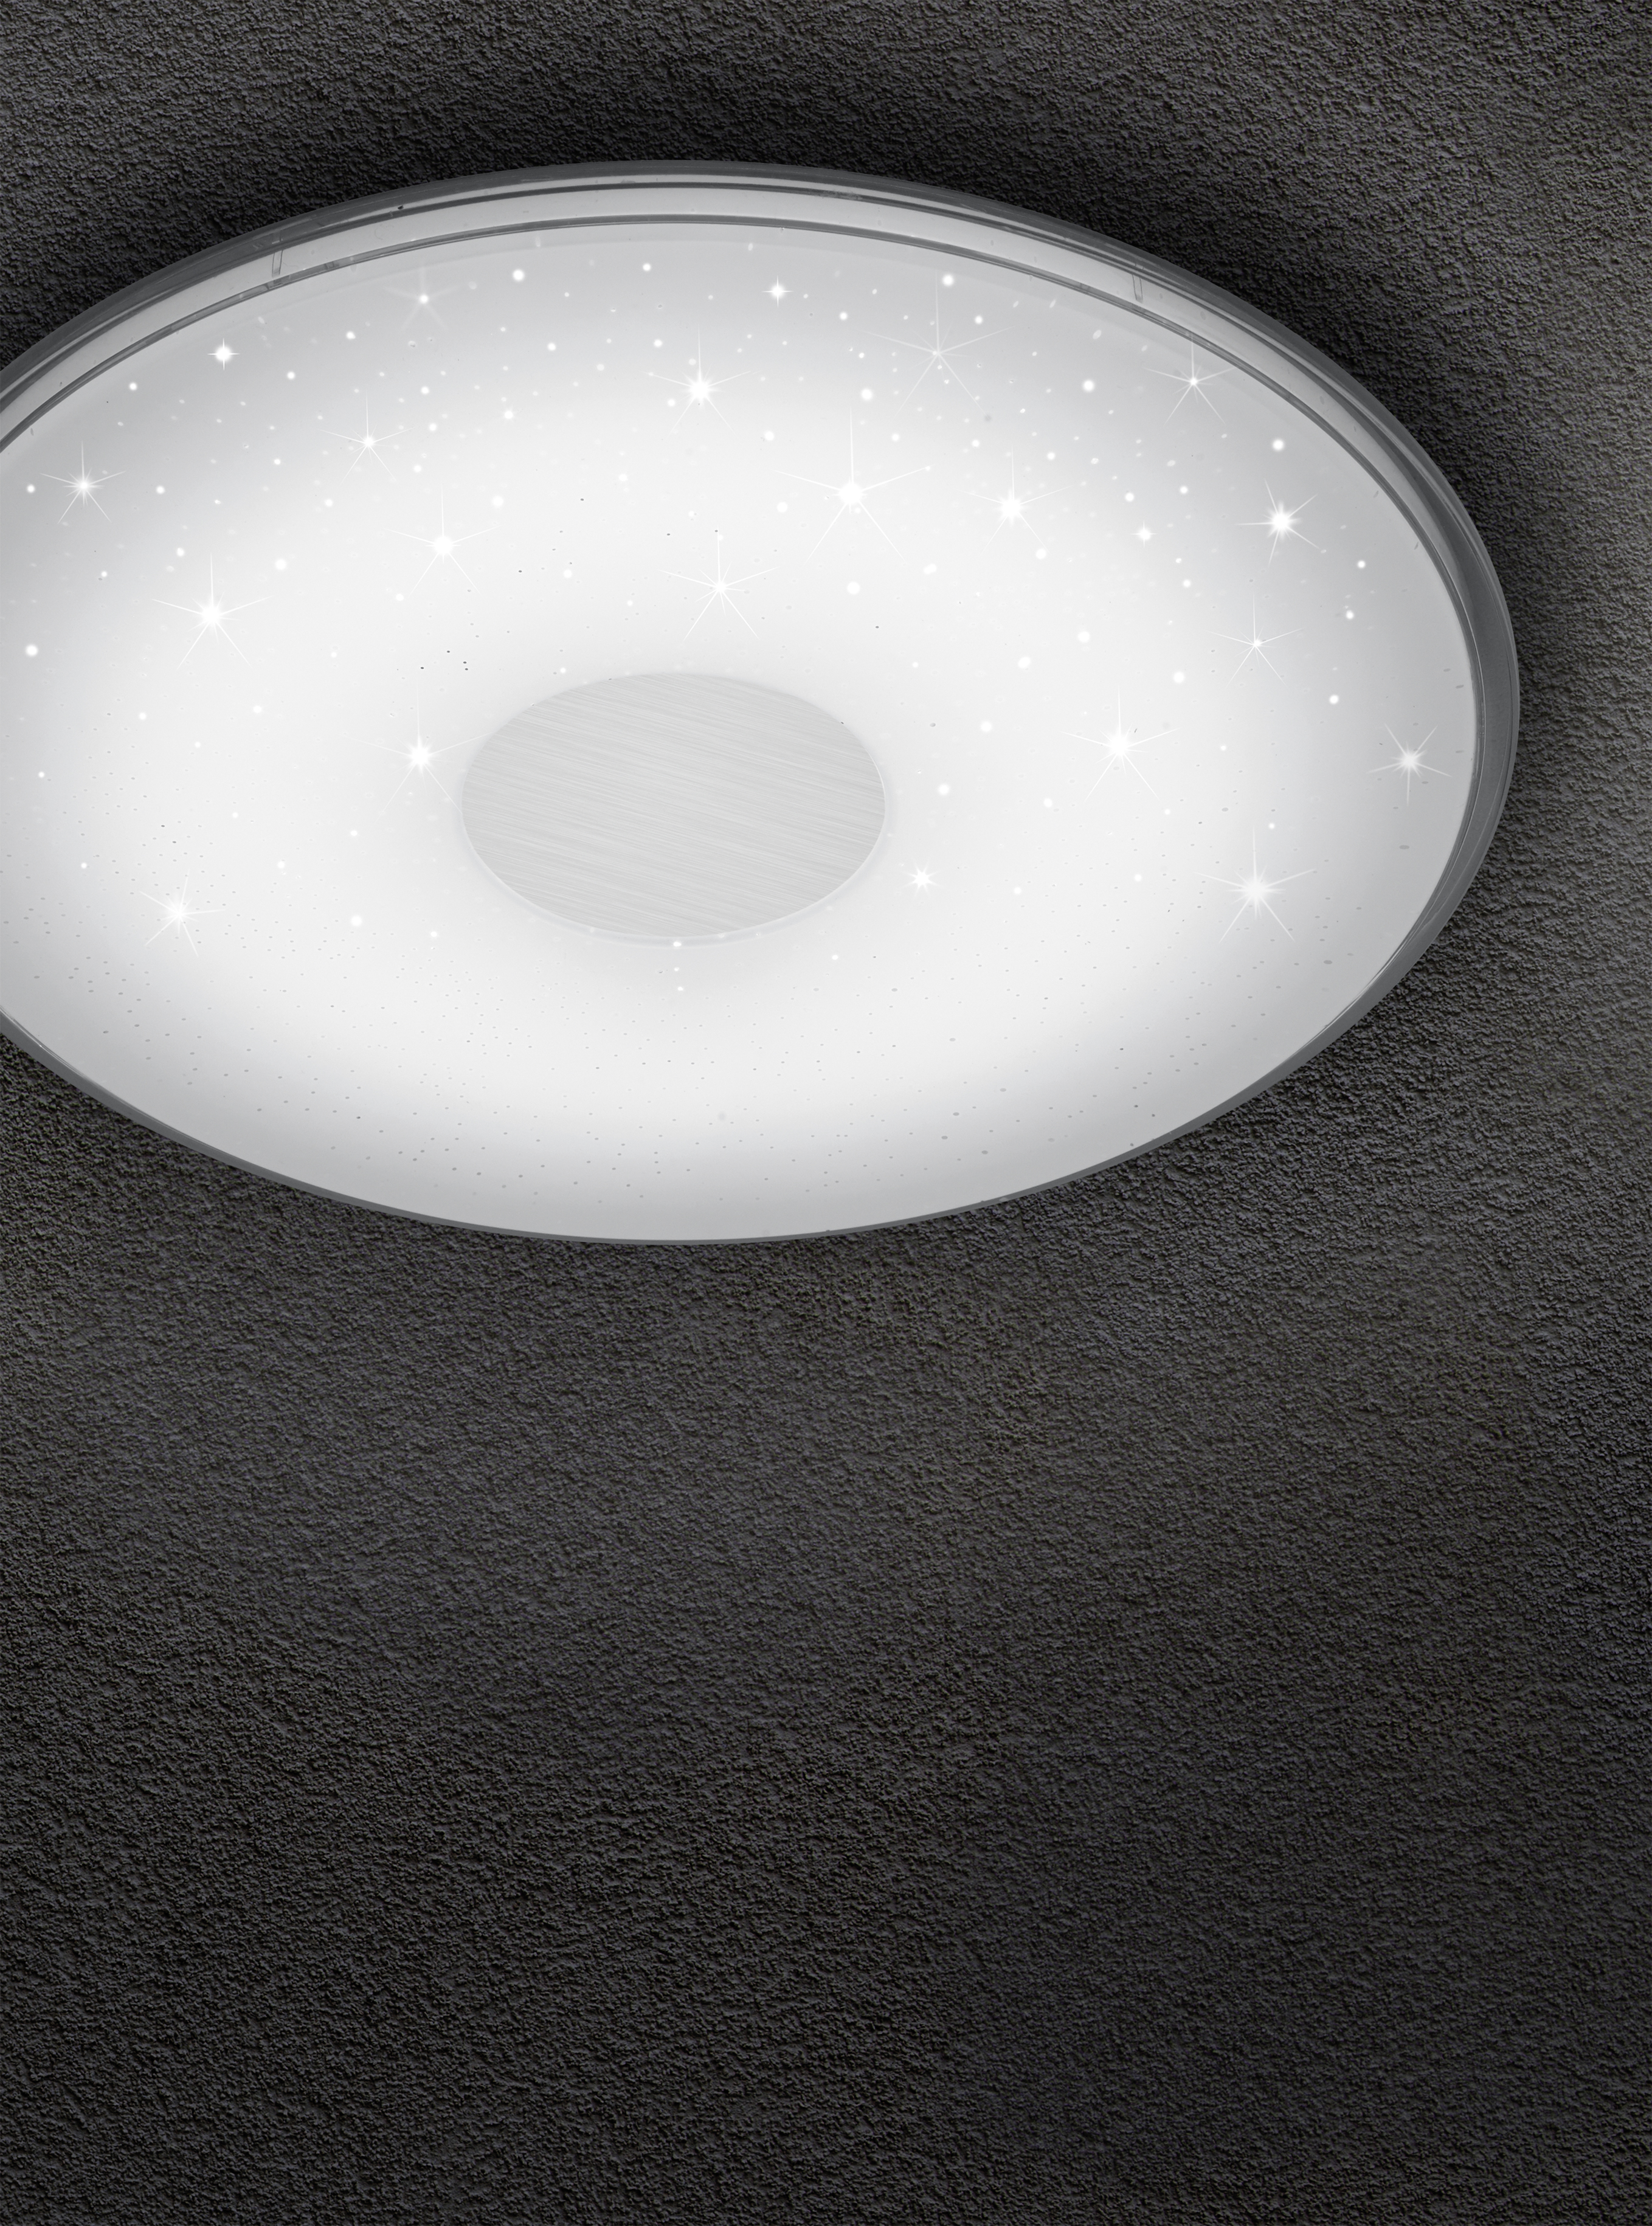 Trio Leuchten 628513001 SHOGUN stropní svítidlo nejen do obýváku